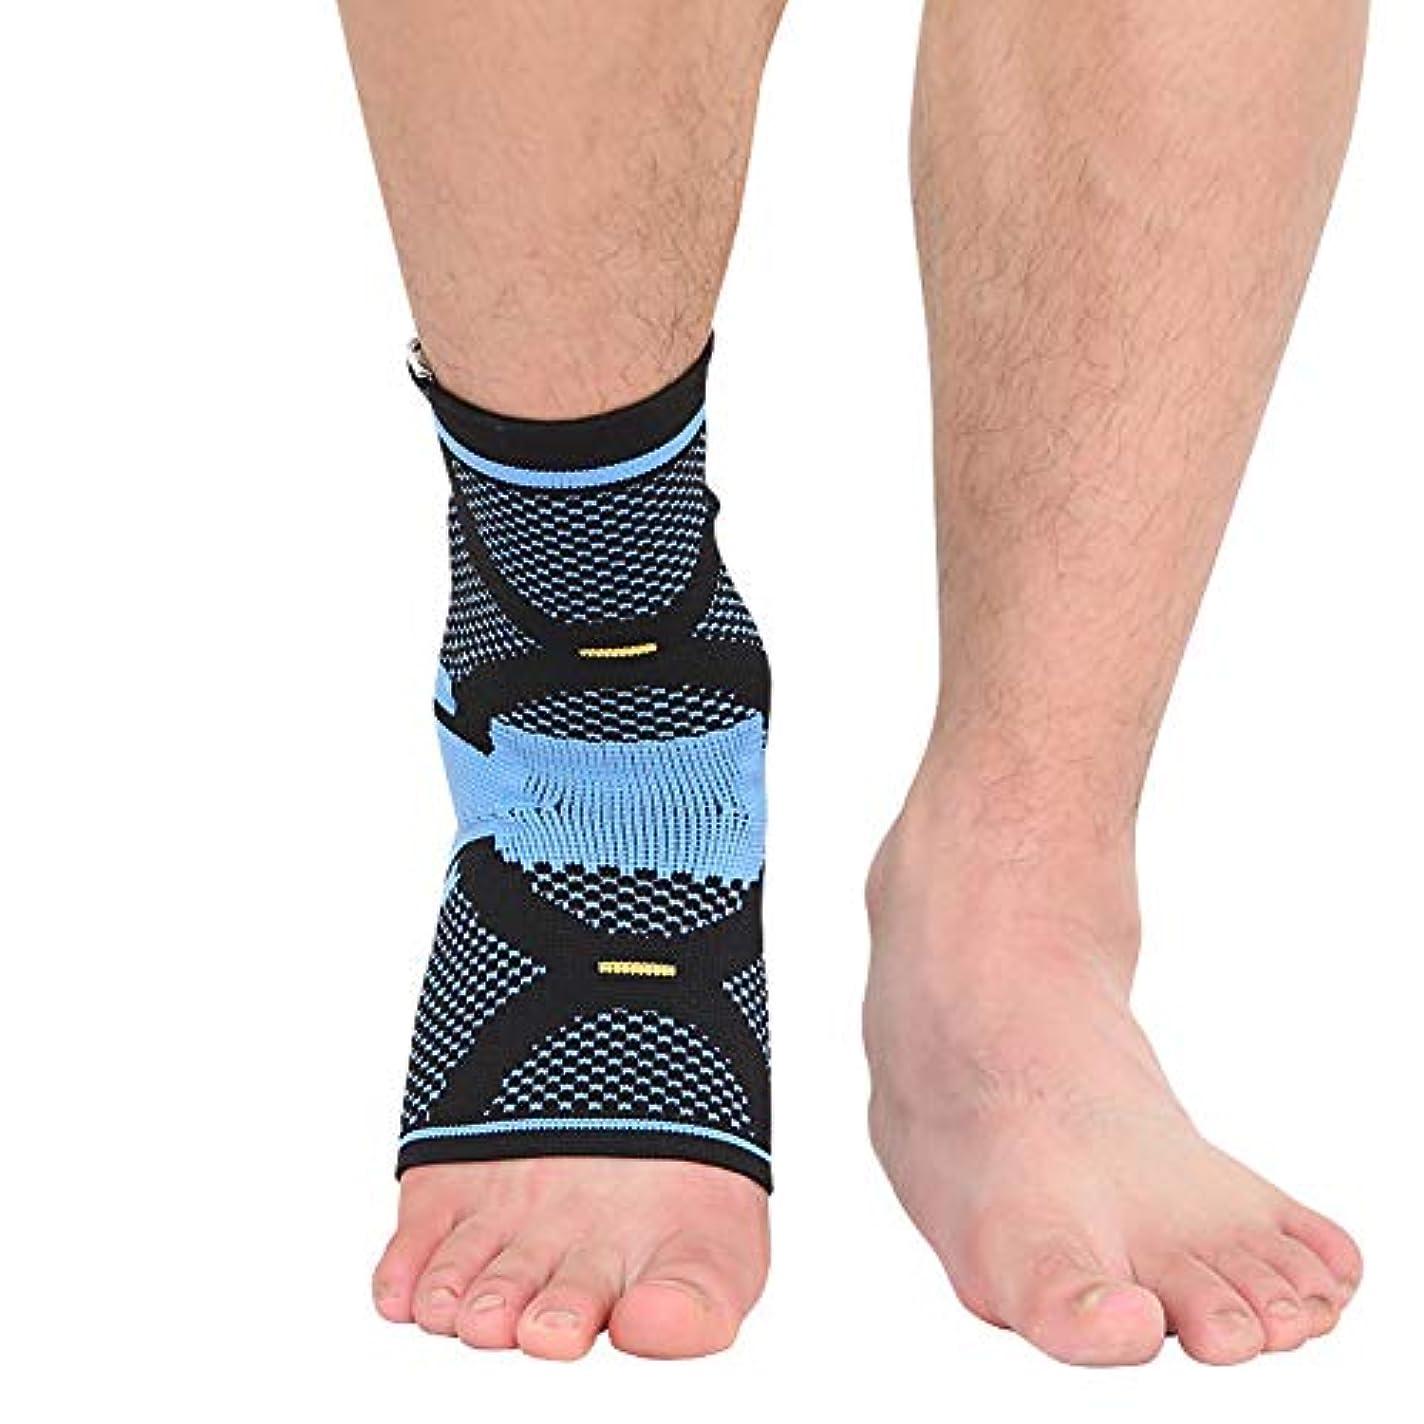 ムスタチオ腹部多様体調節可能な足首ブレース通気性ナイロン素材スーパー弾性、スポーツに最適、慢性足首のひずみ、捻挫疲労などから保護します